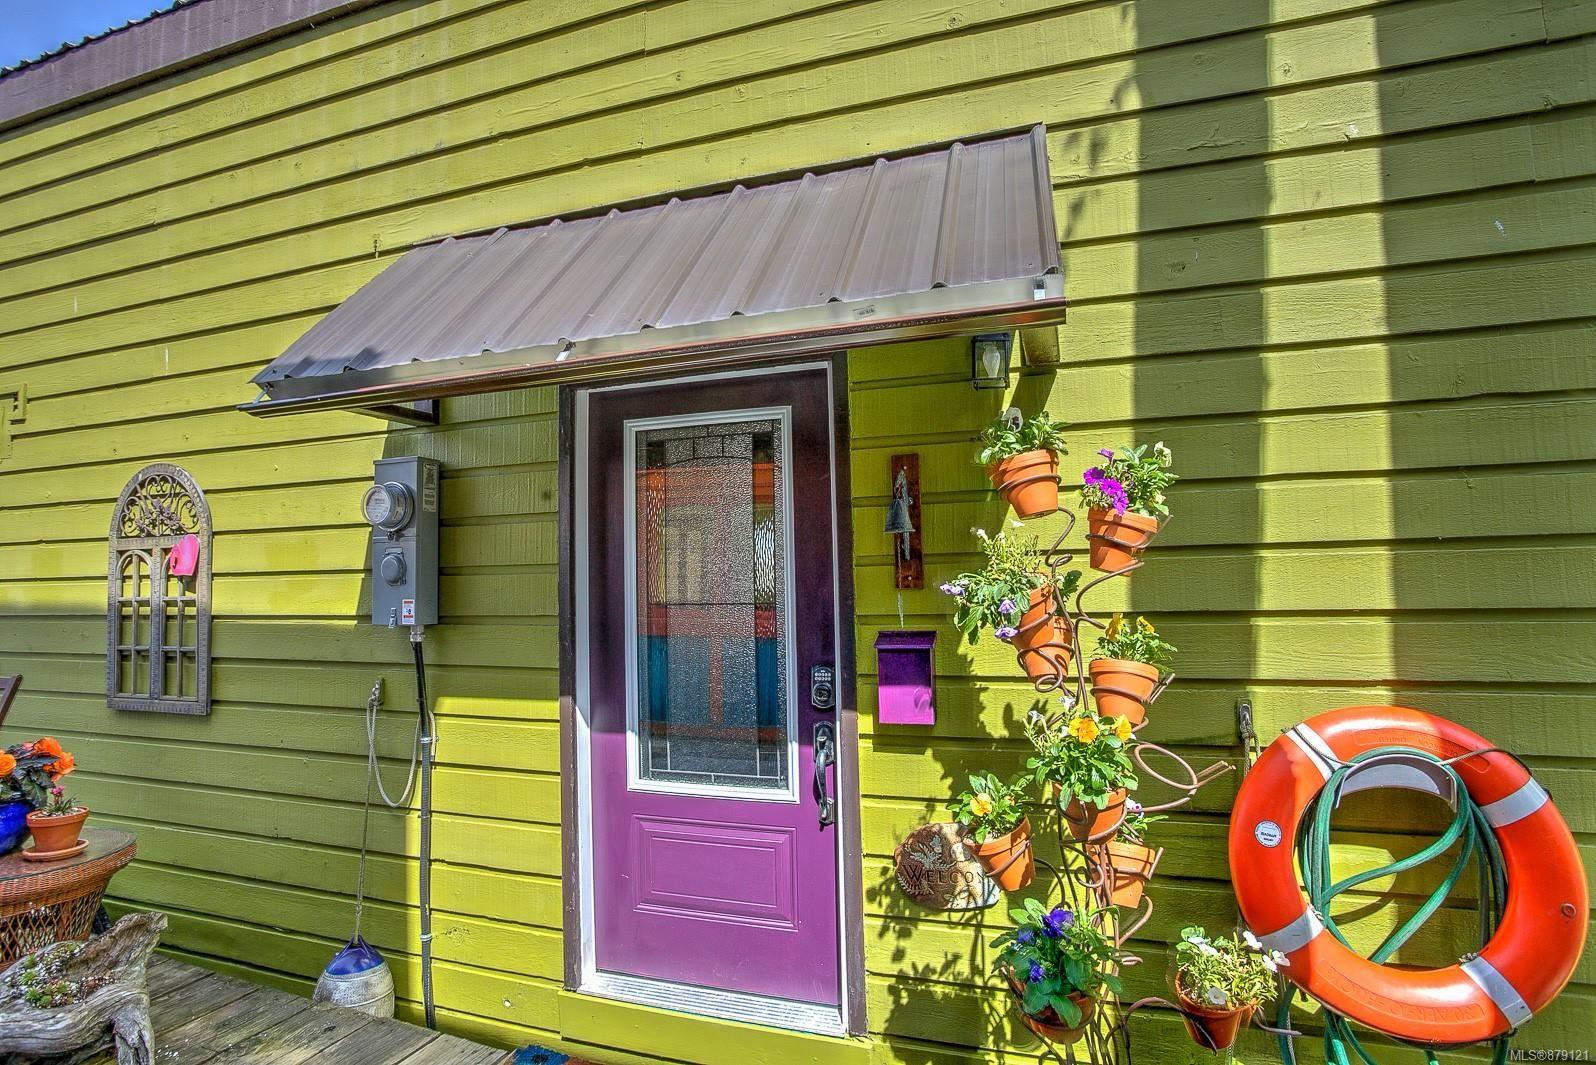 Main Photo: 1 1765 Cowichan Bay Rd in : Du Cowichan Bay House for sale (Duncan)  : MLS®# 879121